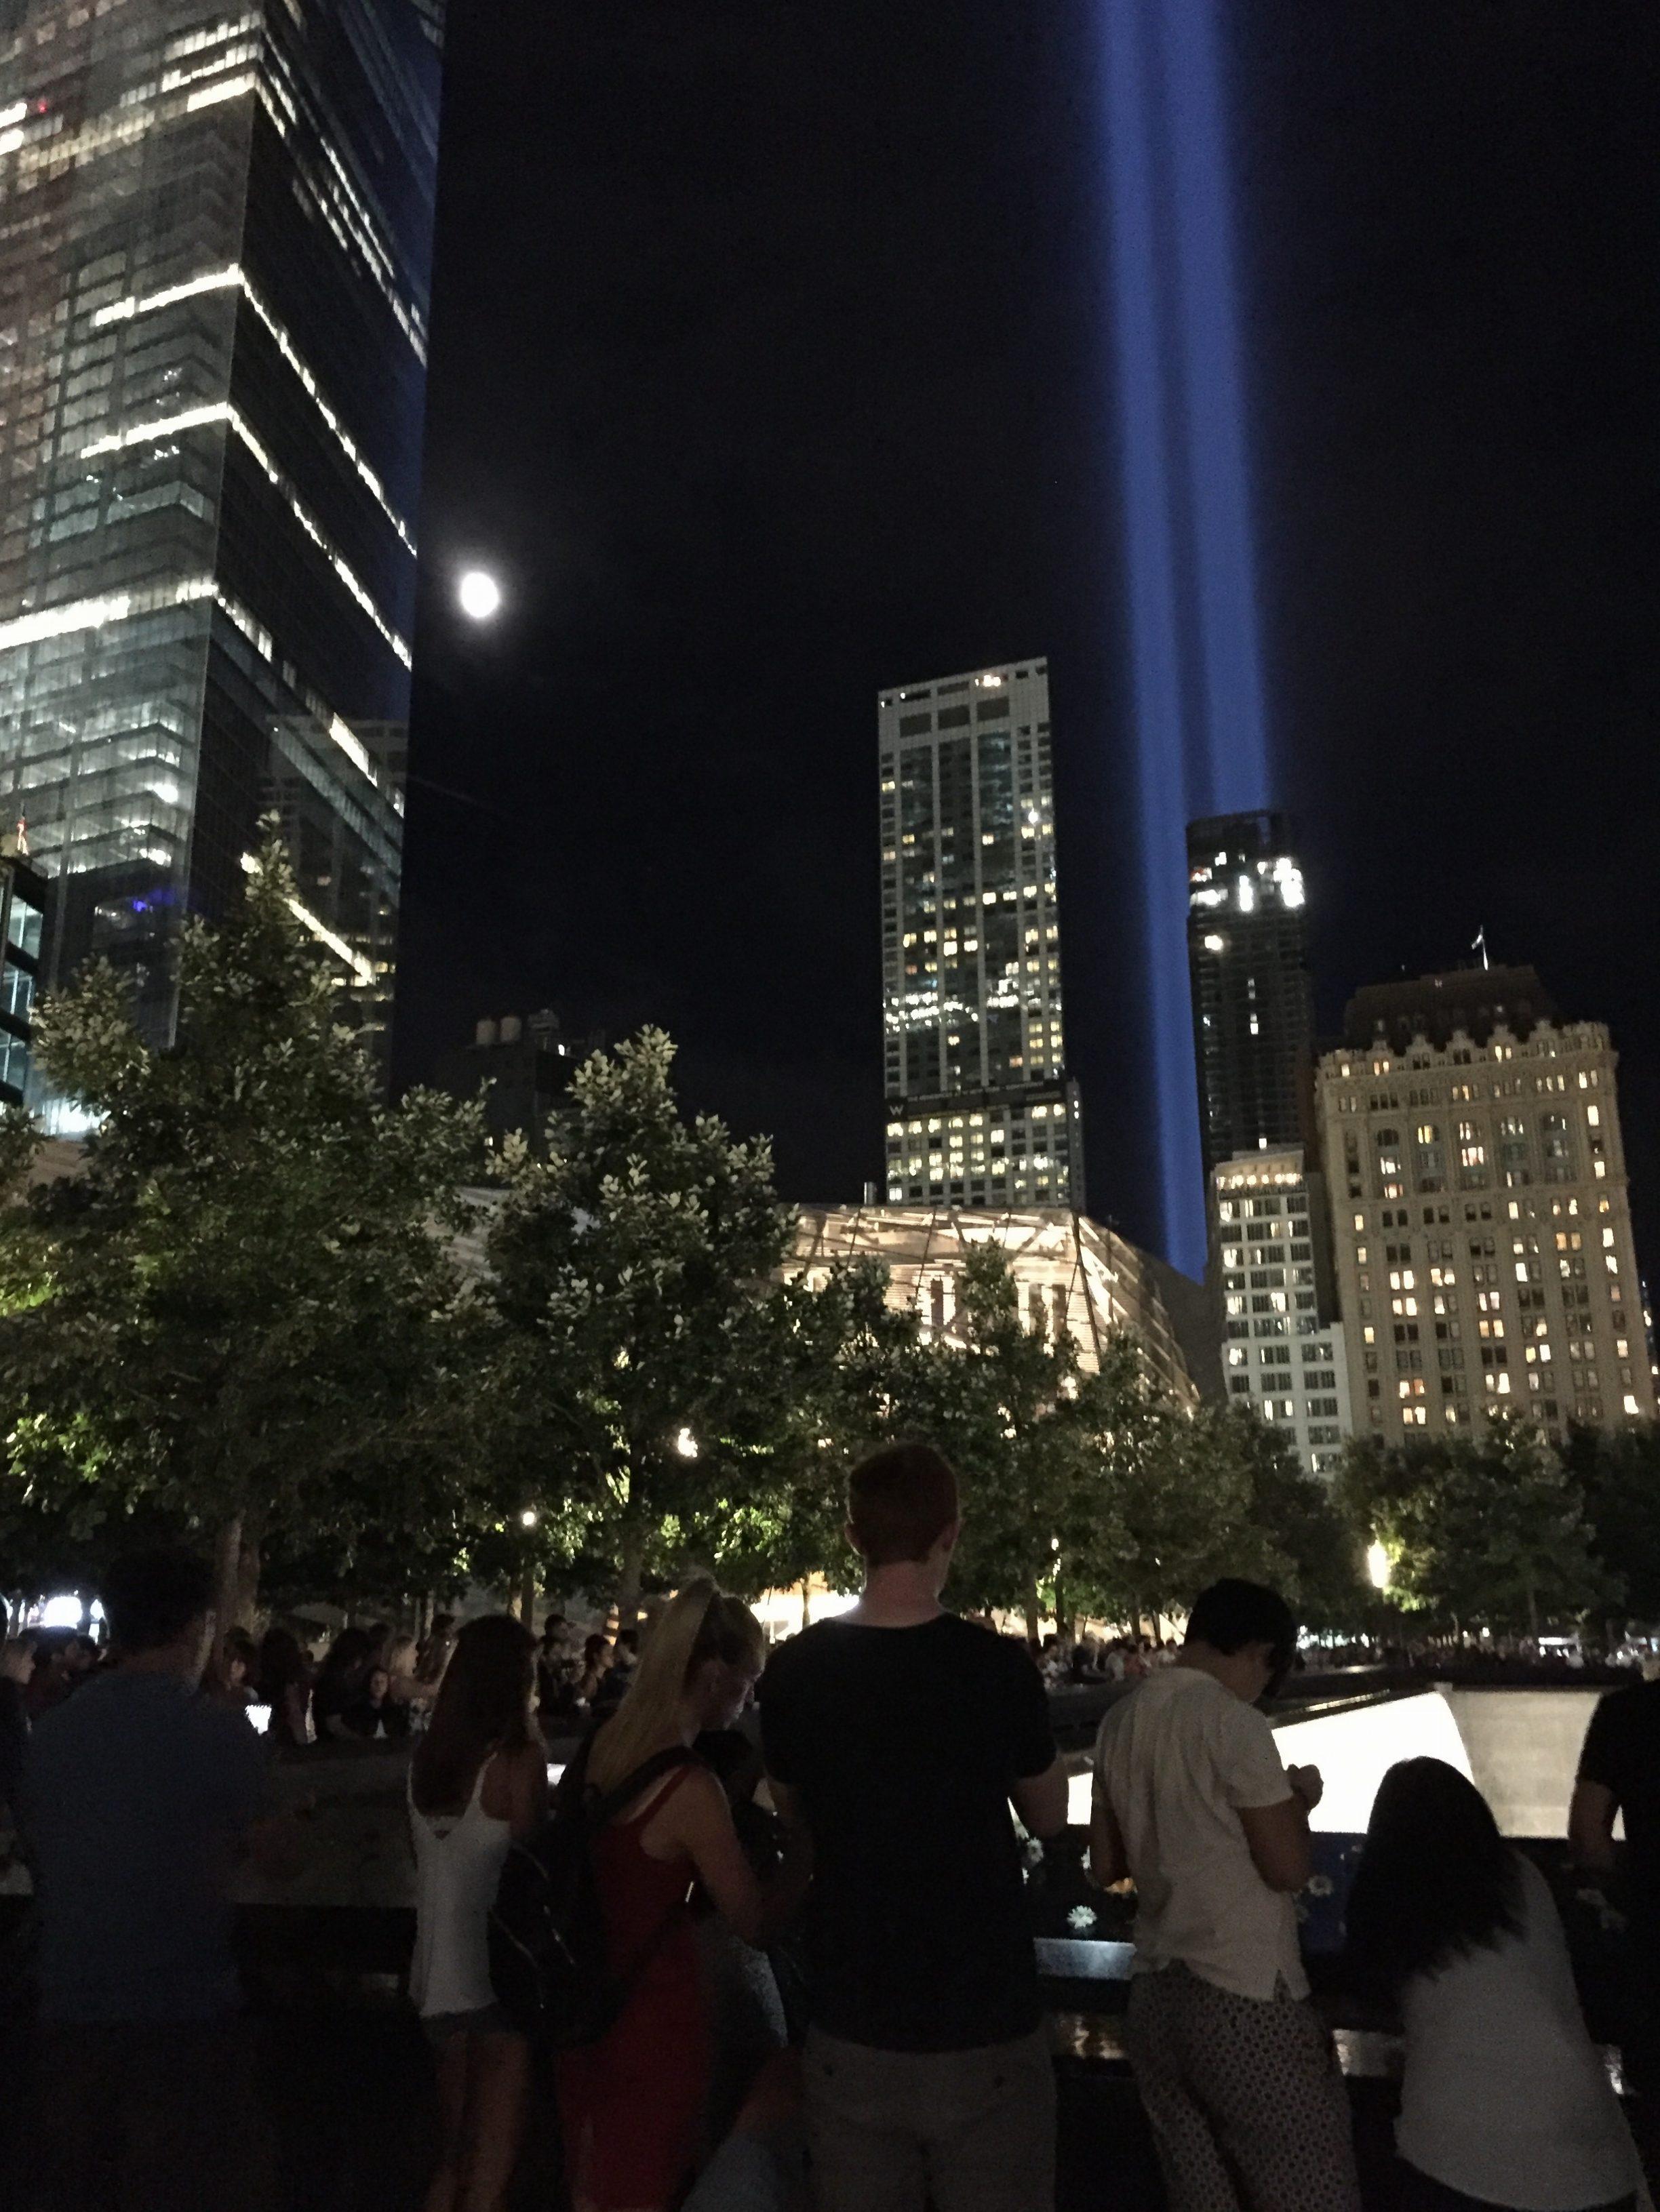 犠牲者の名前が書かれた慰霊のモニュメントには花や国旗が捧げられ、夜遅くまで多くの人が訪れた。